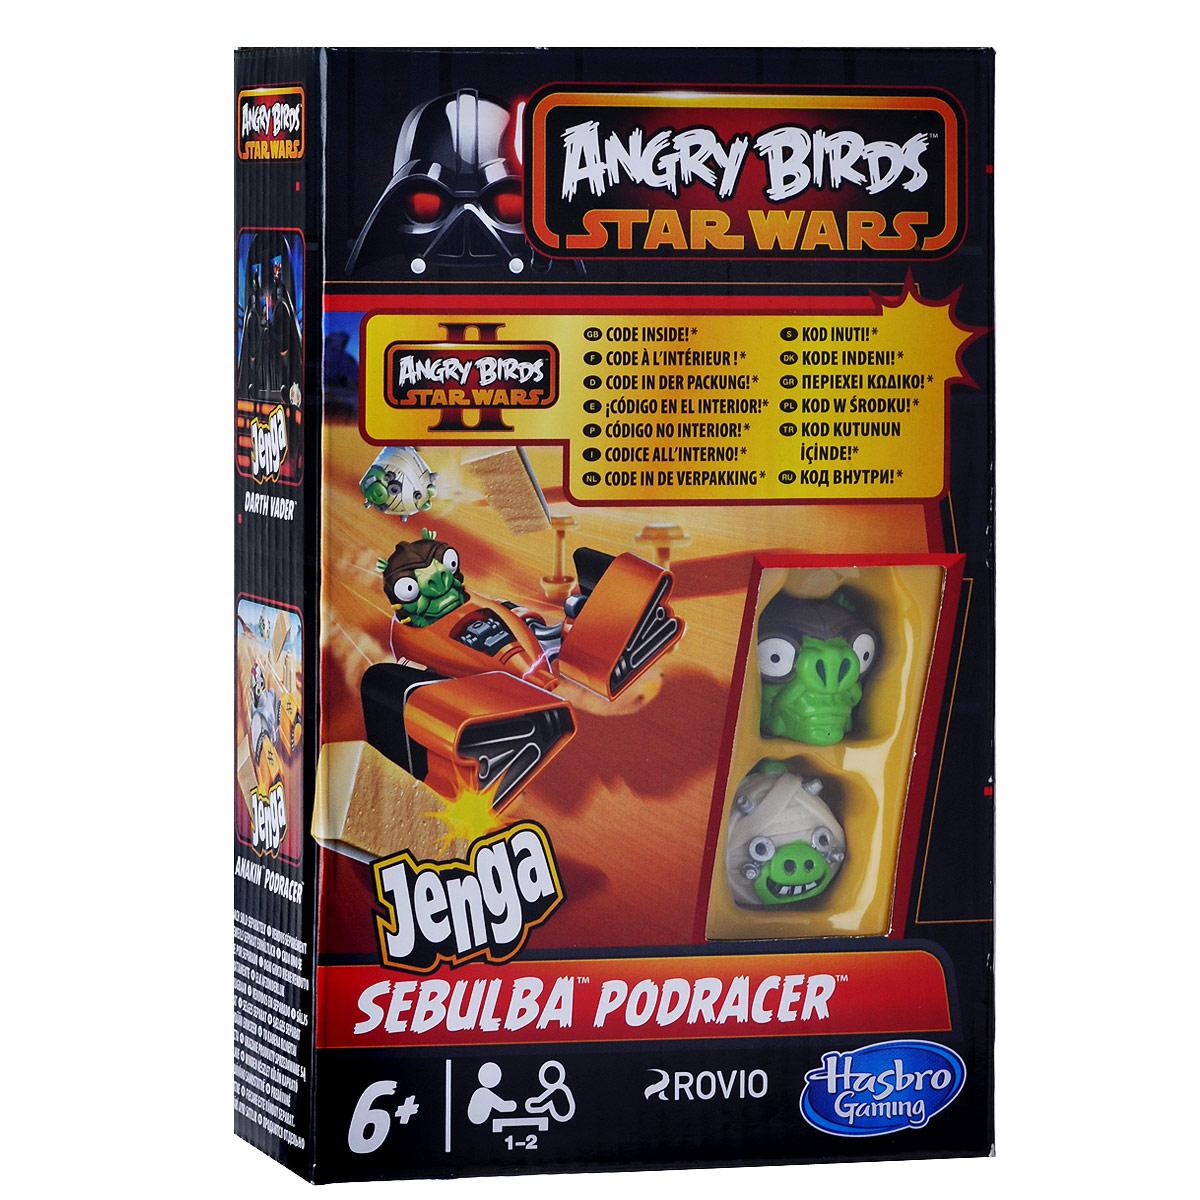 Настольная игра Angry Birds Star Wars Дженга гонщики, в ассортиментеA5088Настольная игра Angry Birds Star Wars Дженга гонщики - это быстрое, разрушительное и чрезвычайно увлекательно времяпрепровождение. Теперь вы можете устроить гонки с персонажами популярной игры не на компьютерном экране, а прямо на собственном столе! Цель игры заключается в том, чтобы разбить строение из блоков Дженги наименьшим количеством ударов. В комплект игры входят: эксклюзивные свинки и птички, выполненные в образах персонажей Звездных войн, звездный истребитель, пластиковые блоки, башни, карточки с маршрутами и правила игры на русском языке. Порадуйте своего ребенка таким замечательным подарком!